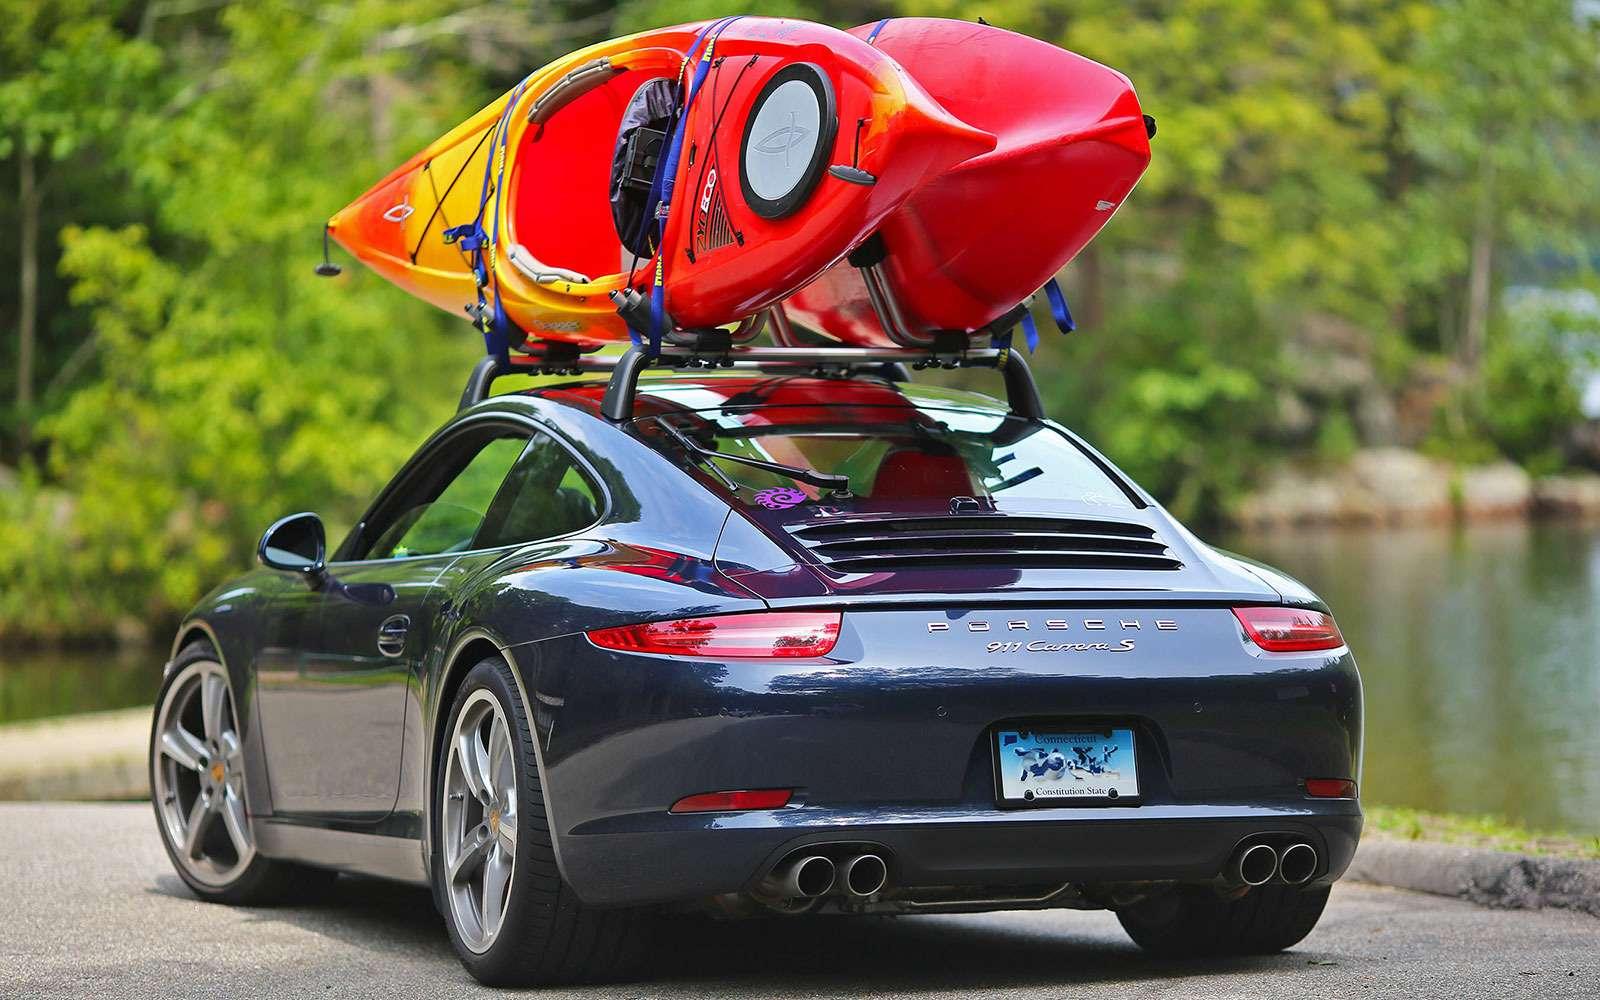 Смартфон, зонт ипрочие орудия убийства ввашем автомобиле— фото 775272